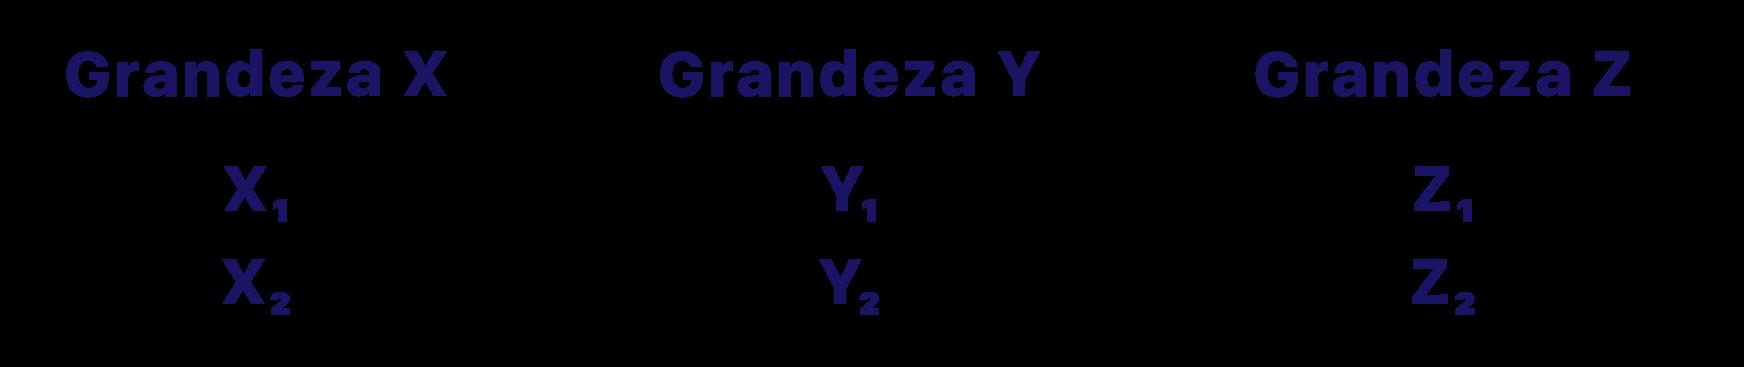 as grandezas exemplo x y e z são separadas em colunas